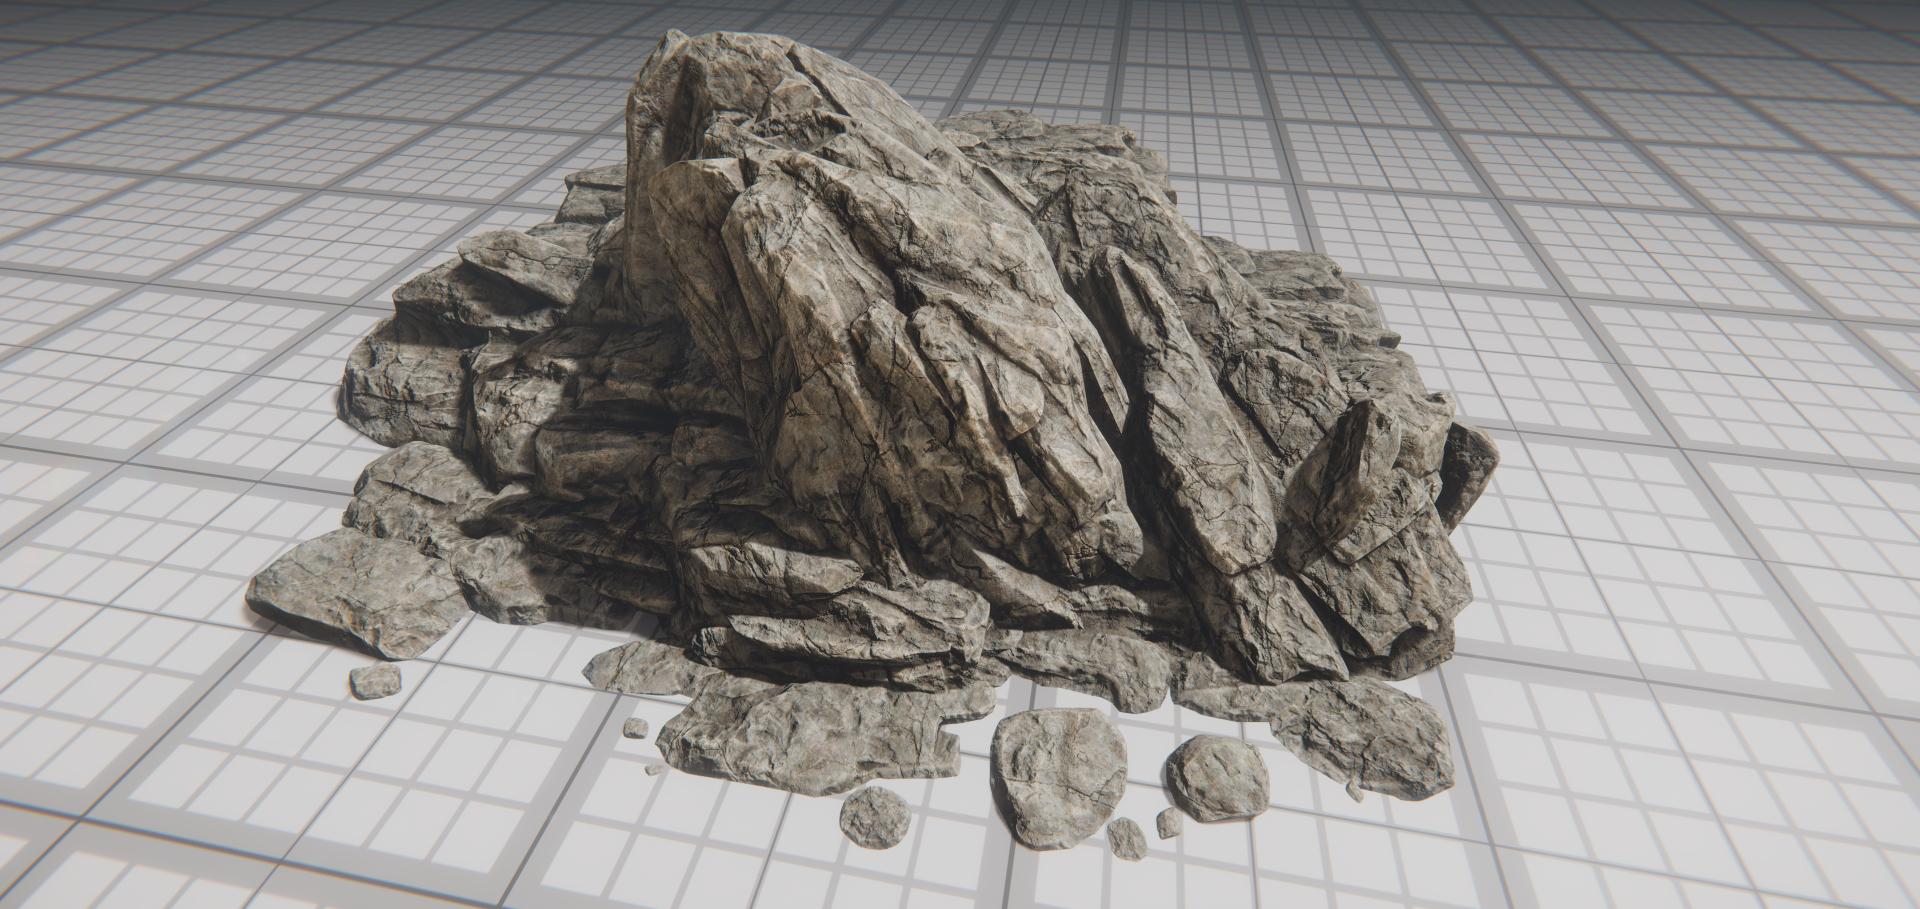 RockDetails_02.jpg